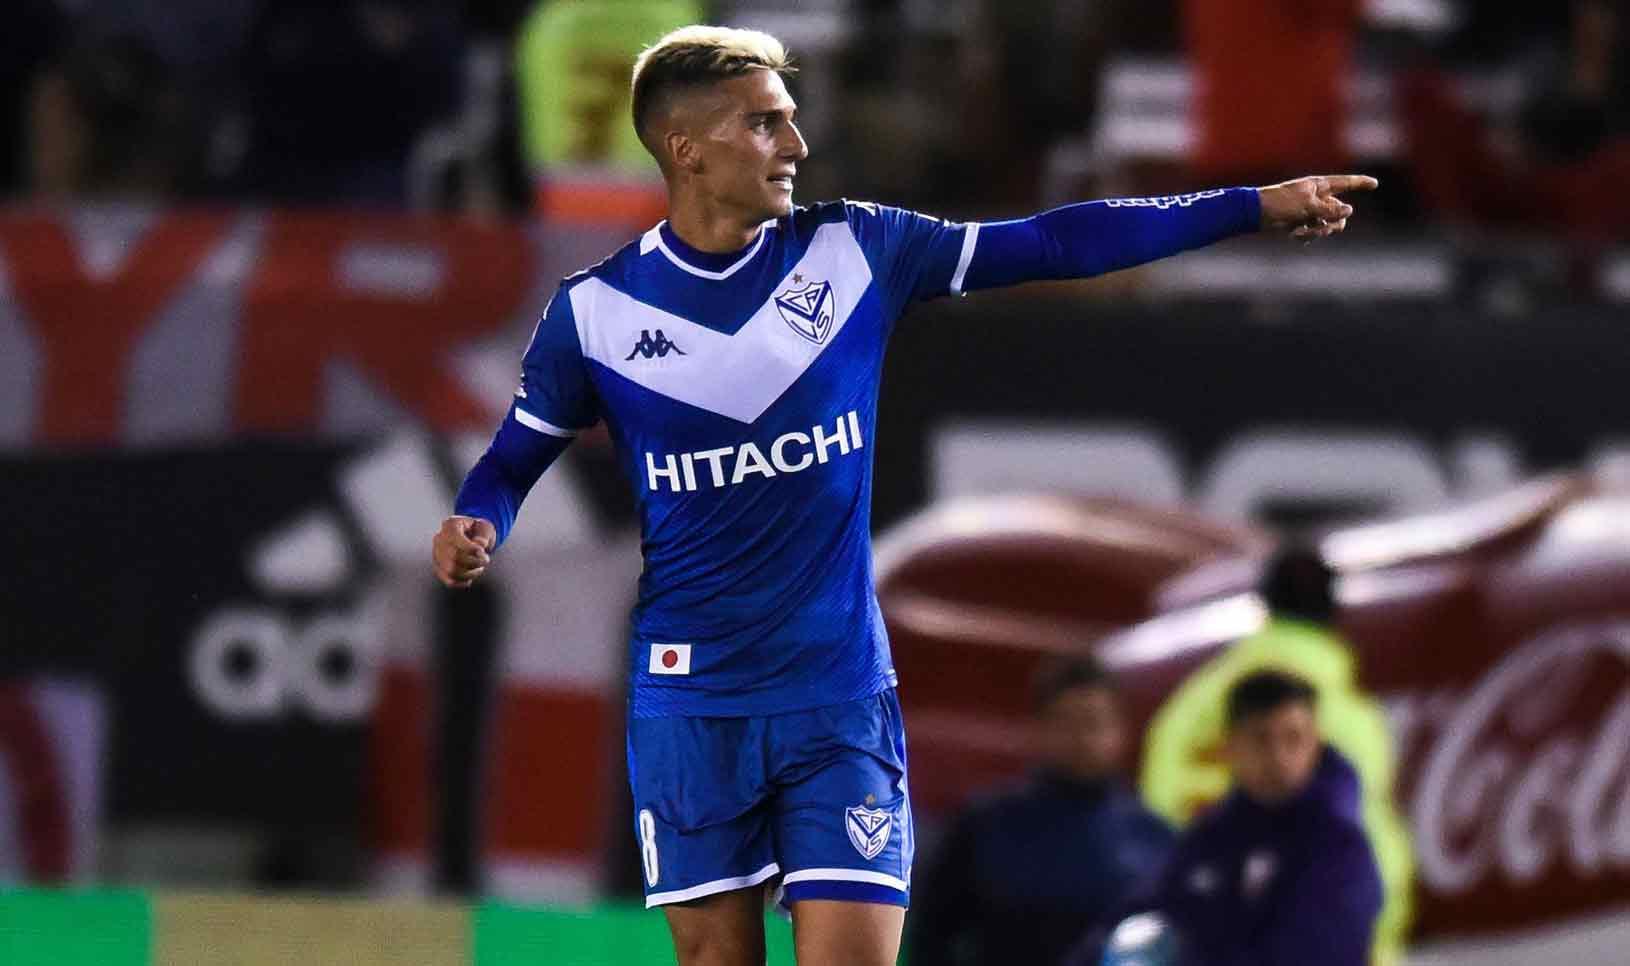 Domínguez anotó en el minuto 37 / Foto: Cortesía